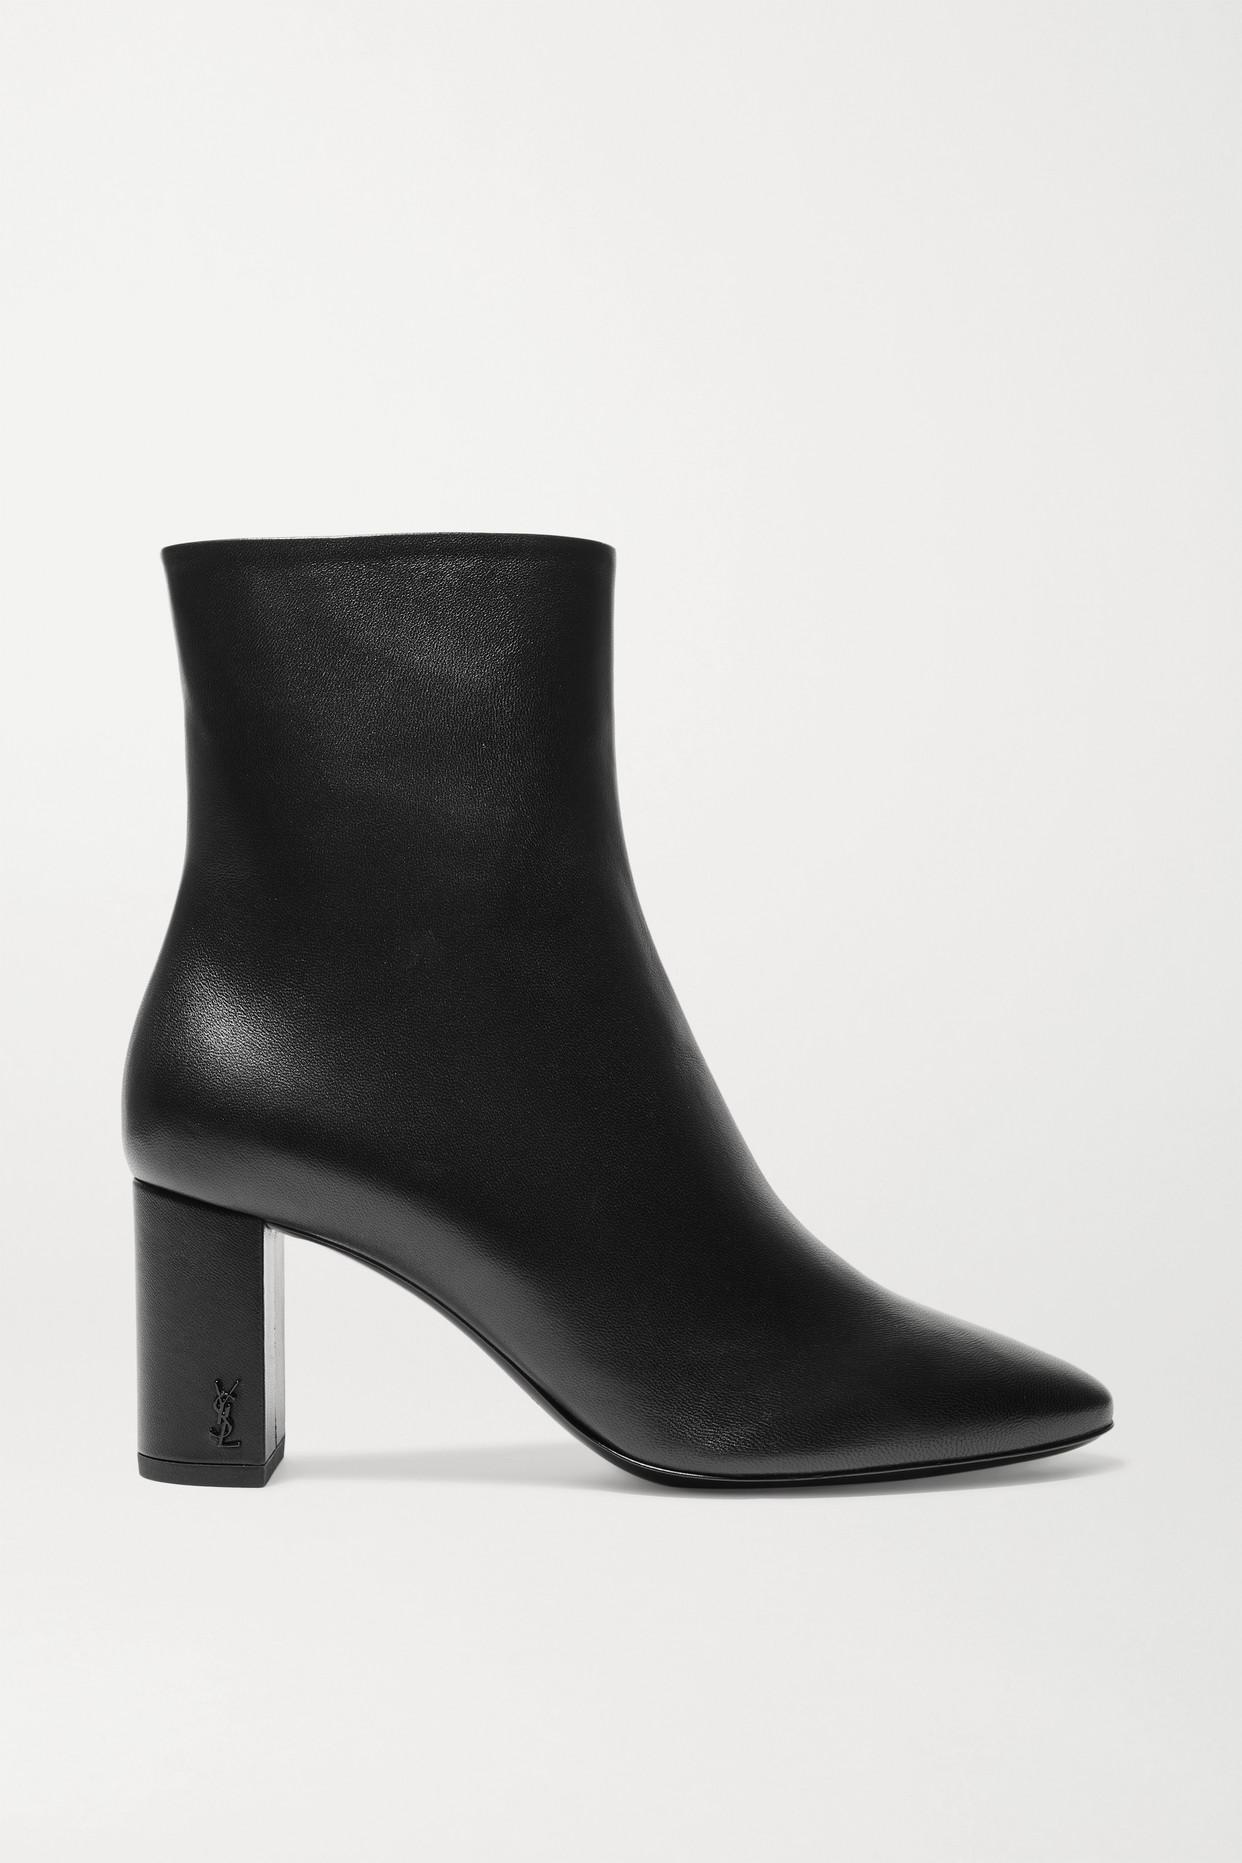 SAINT LAURENT - Lou Leather Ankle Boots - Black - IT37